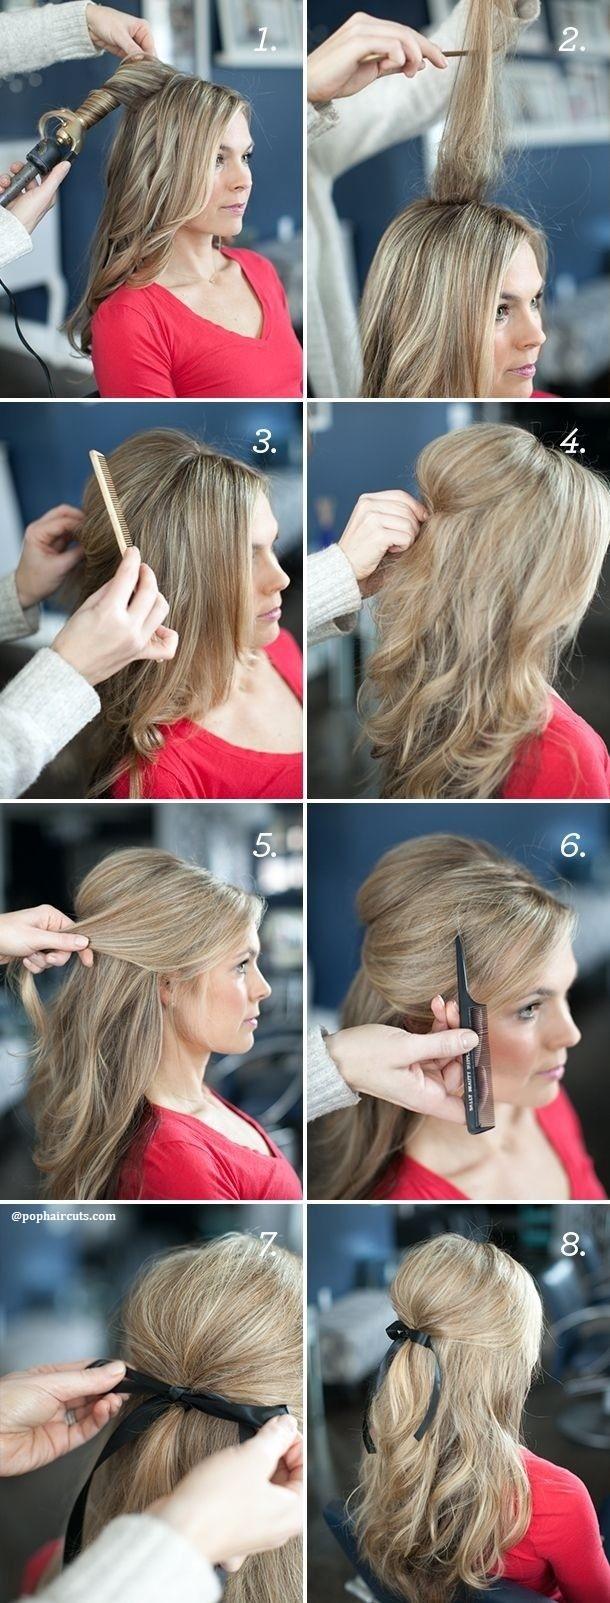 modèle-de-coiffure-pour-aller-au-travail-10